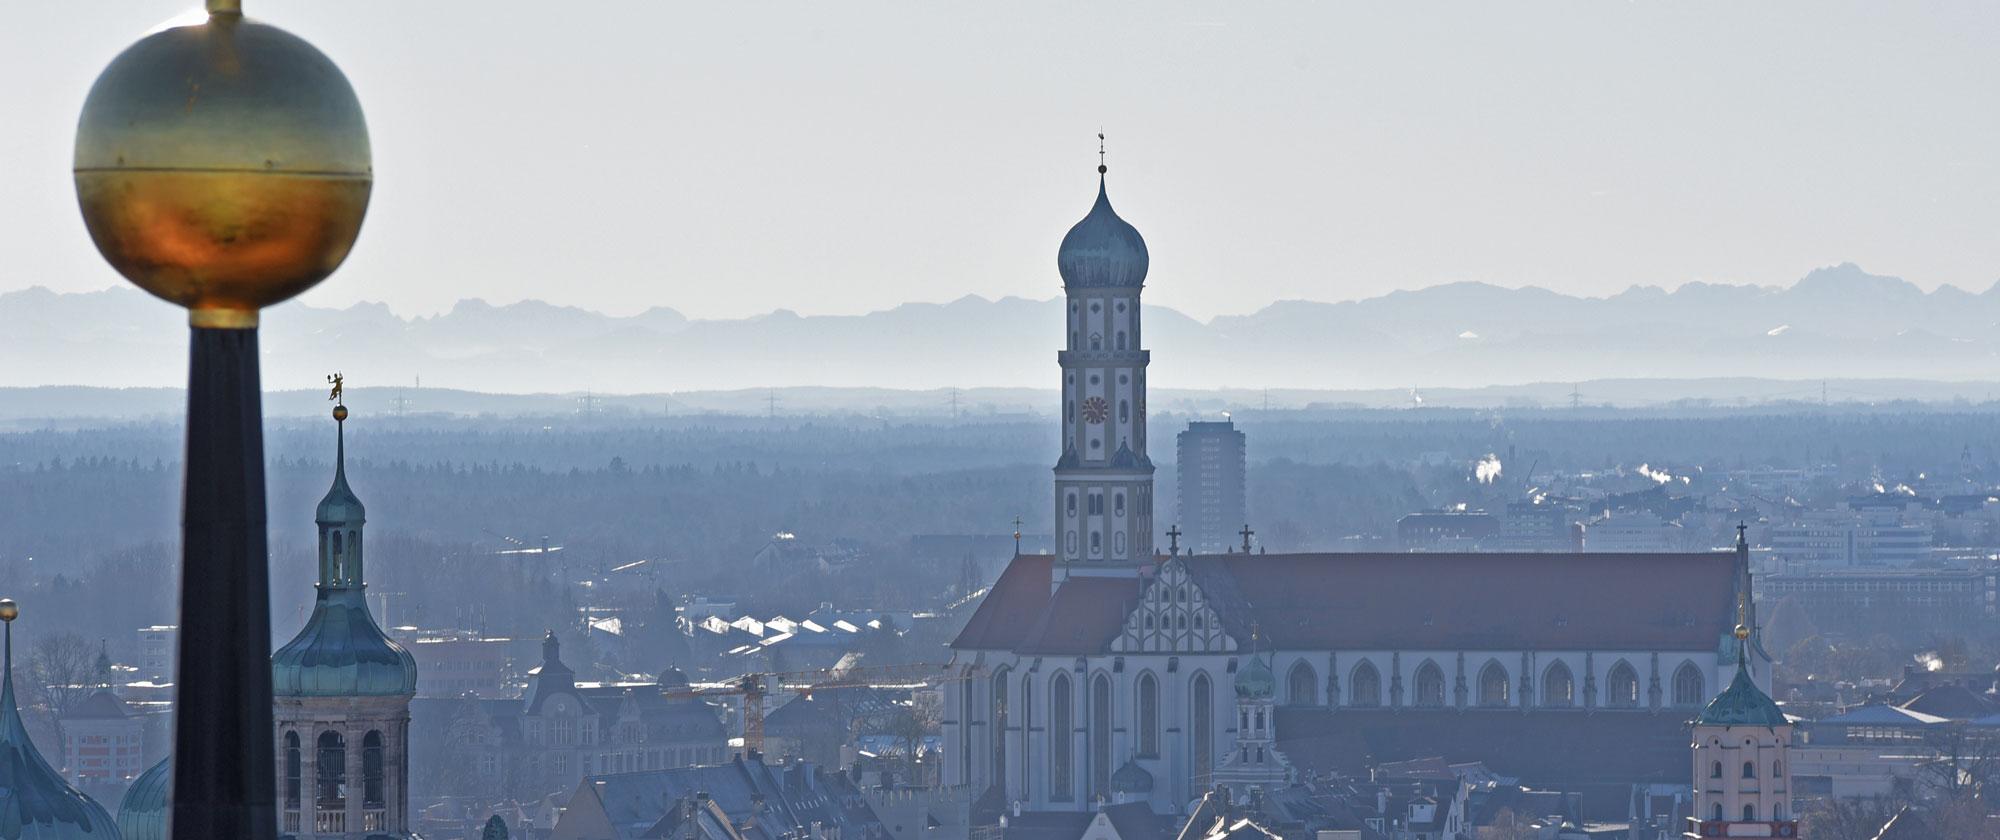 Blick bis zu den Alpen: Die Ulrichsbasilika vom Nordturm des Hohen Doms aus fotografiert (Foto: Nicolas Schnall / pba)